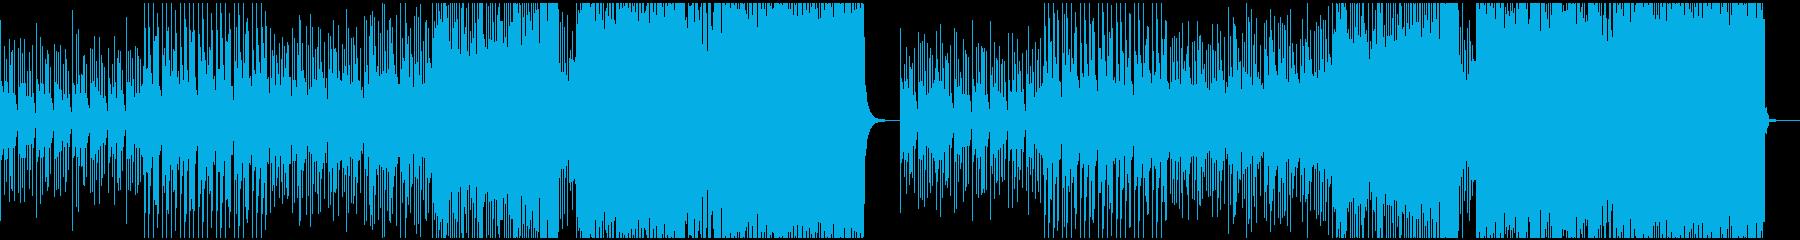 疾走感ある切ないEDMの再生済みの波形